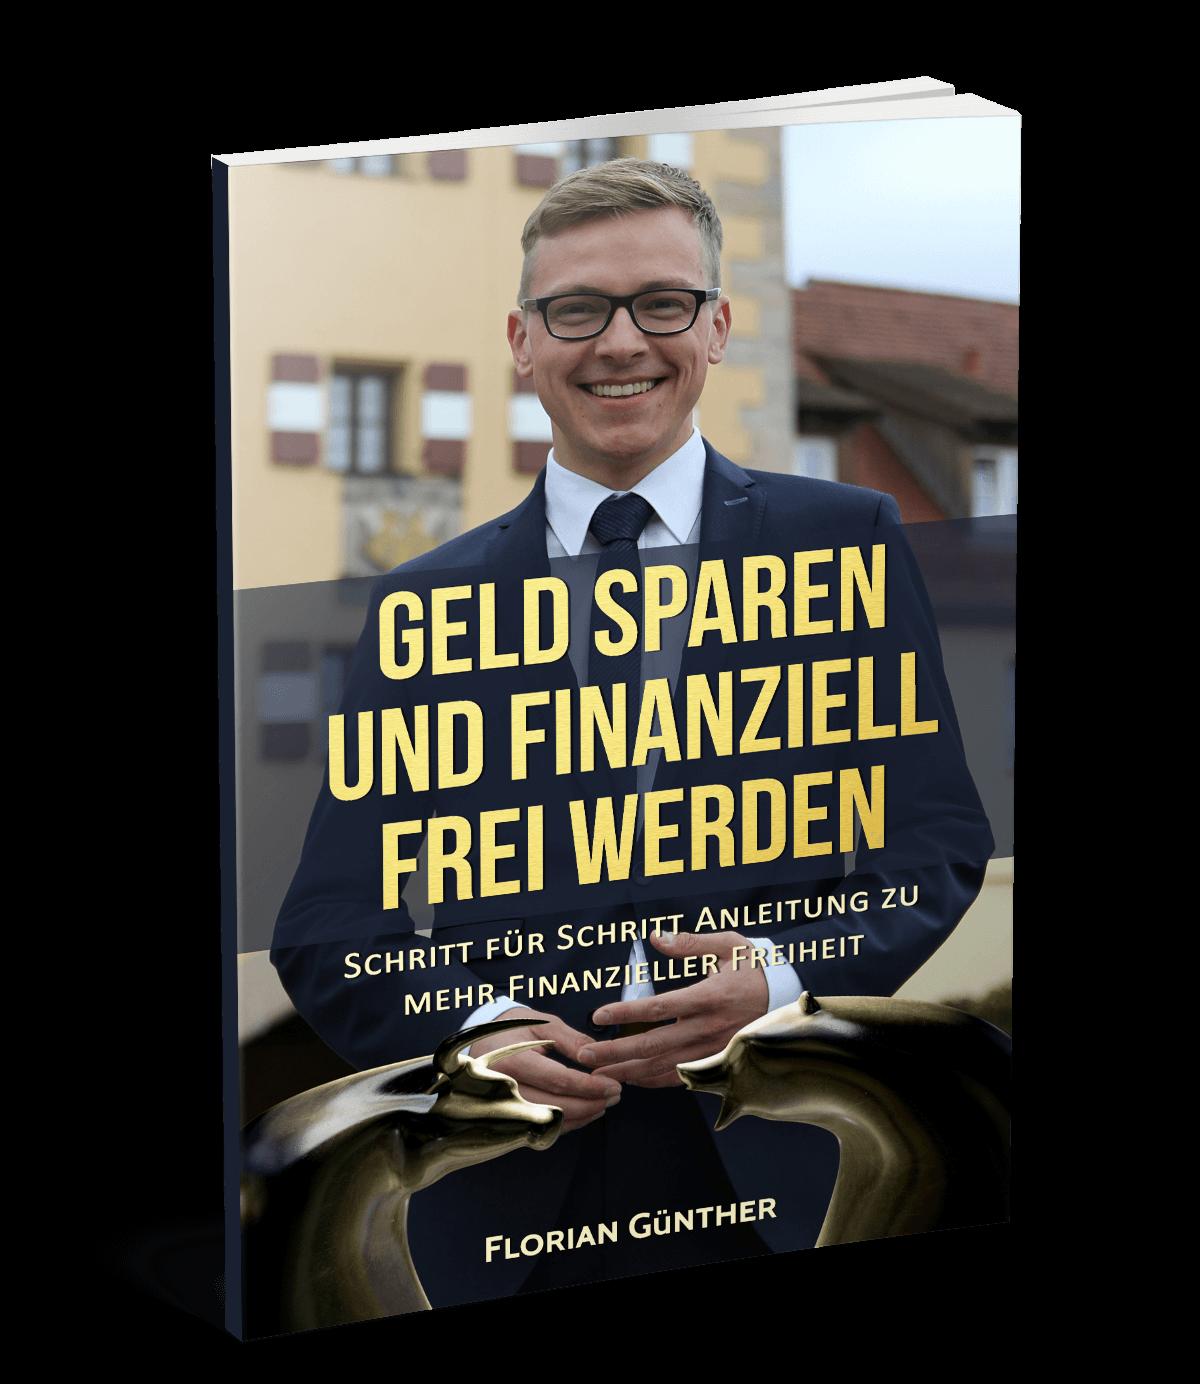 Buch Florian Günther